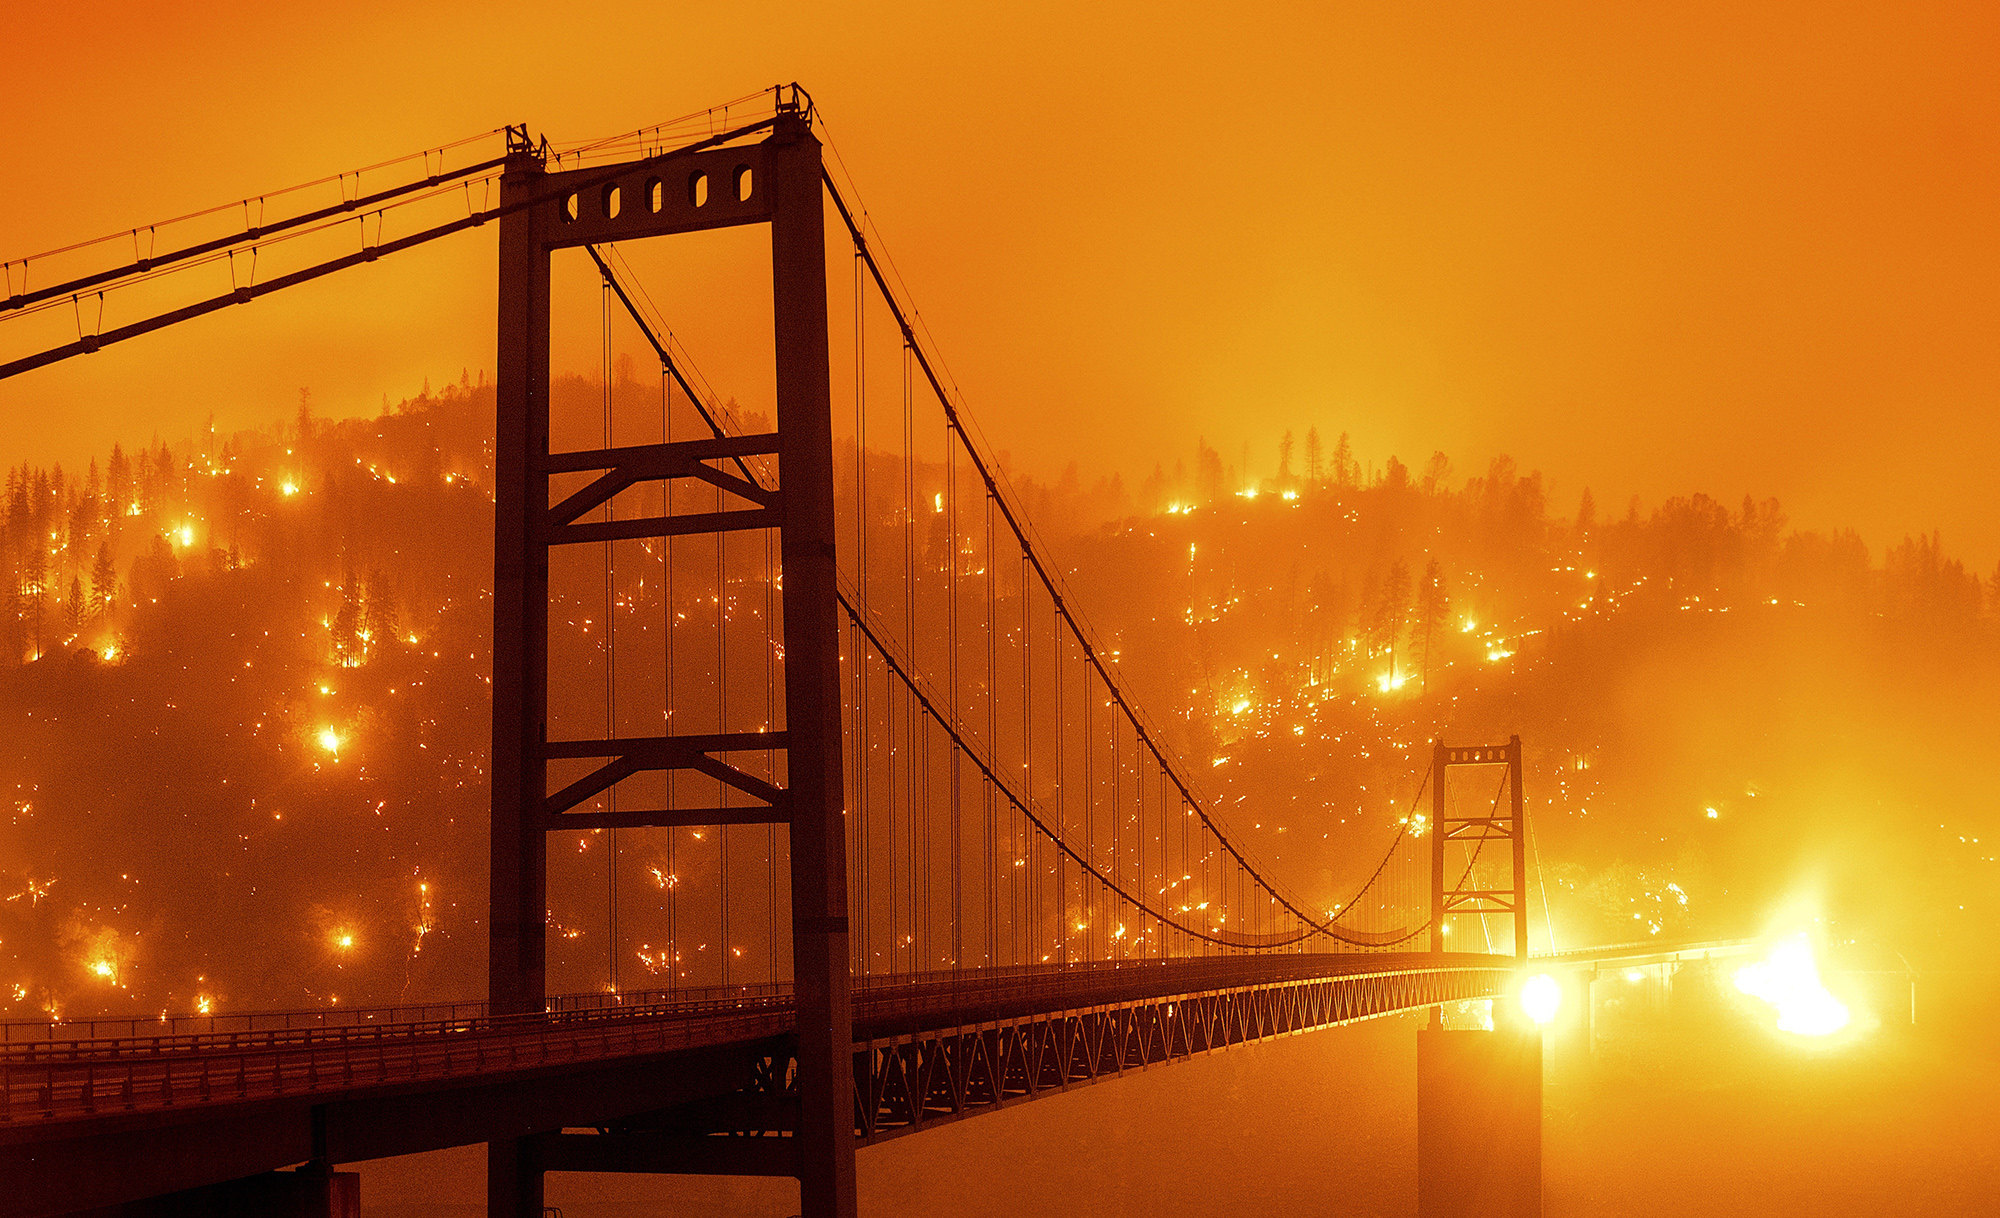 Мост Бидуэлл Бар вОровилле, штат Калифорния. Фотография сделана надлинной выдержке.